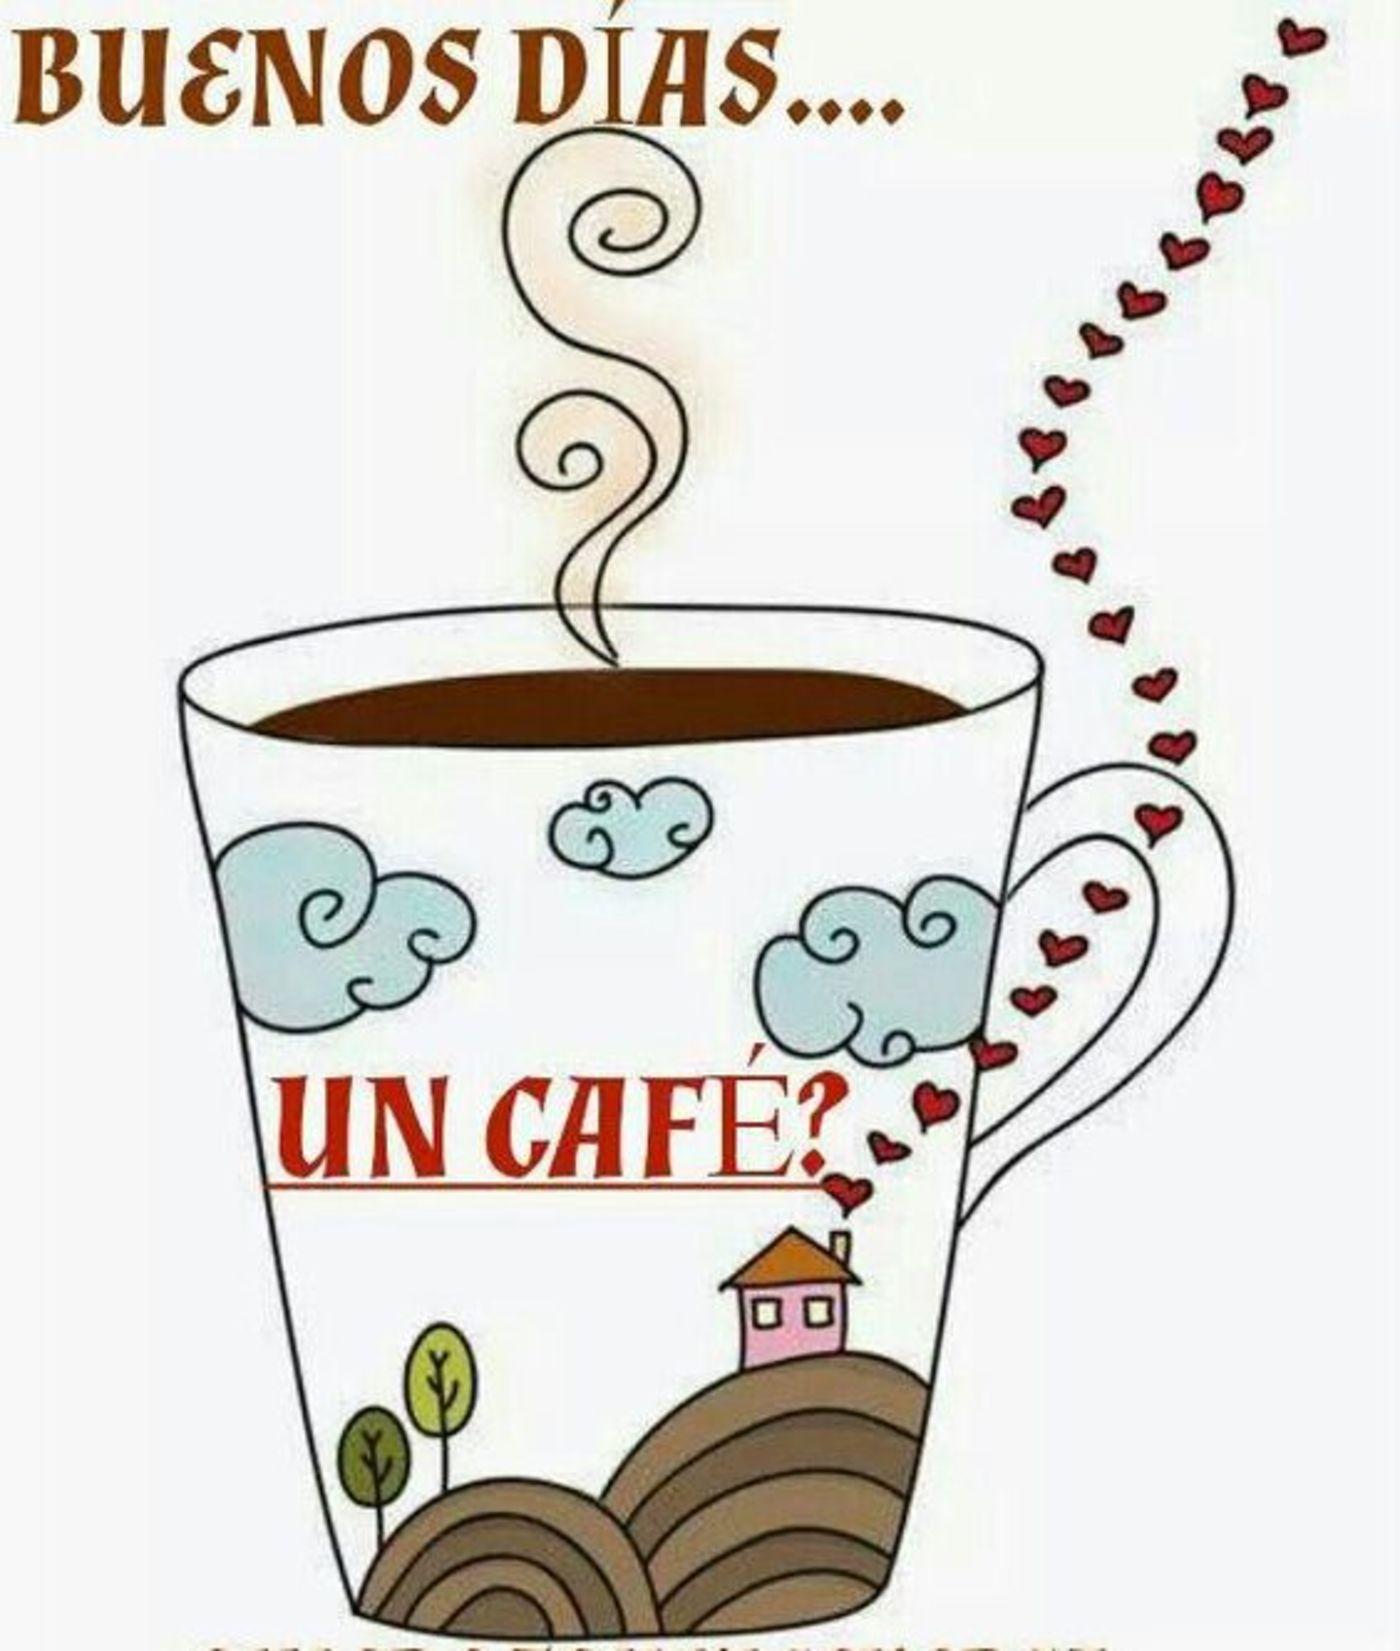 Buenos días, un café?